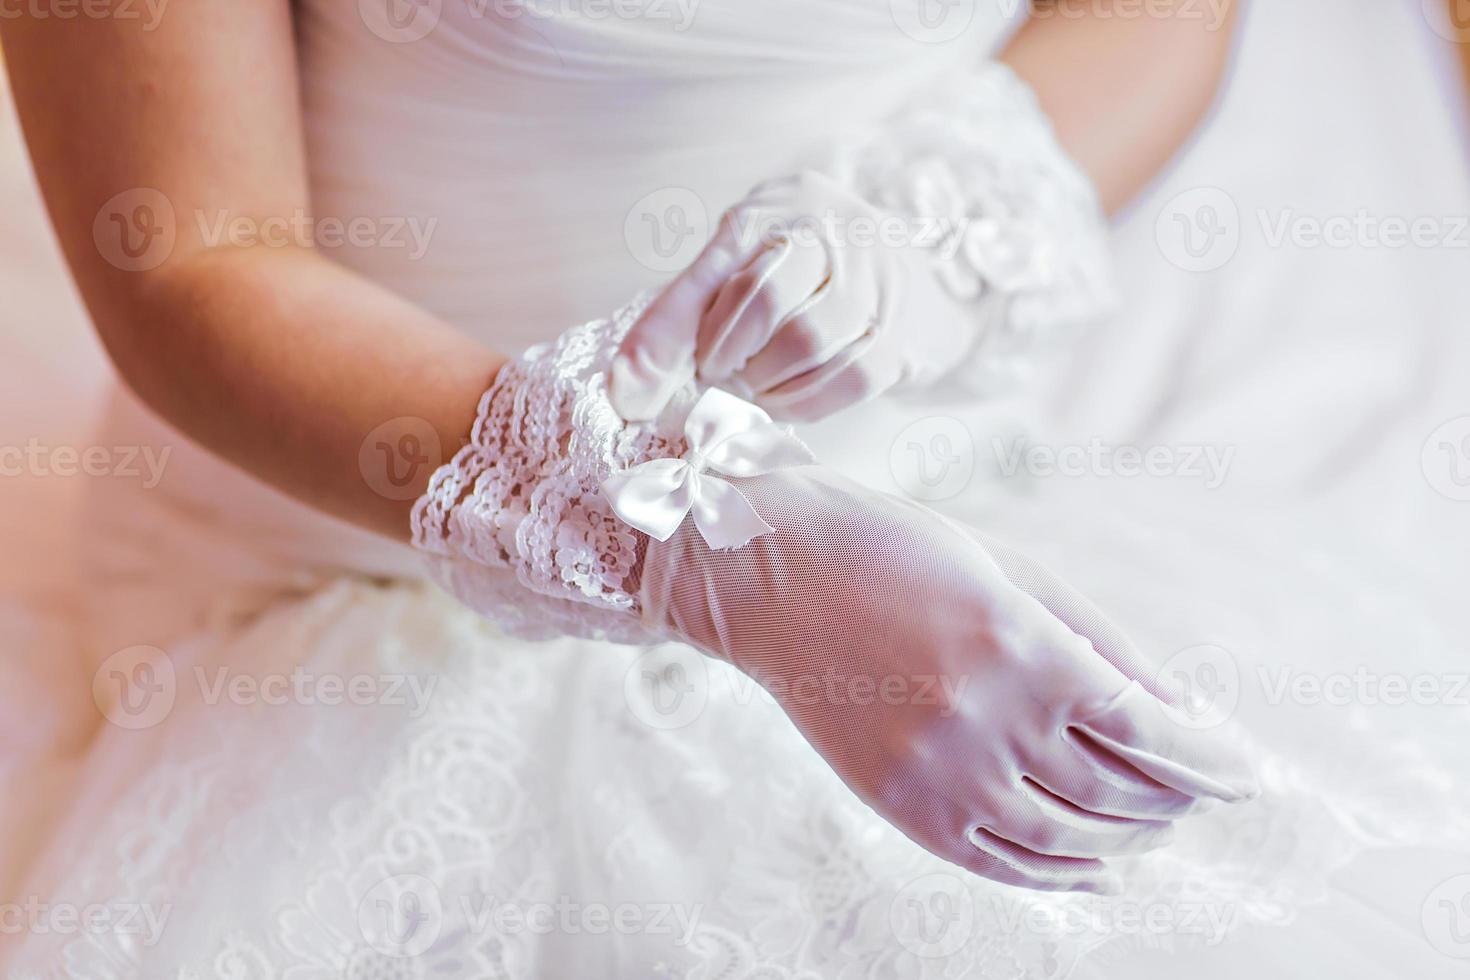 bröllopshandskar foto